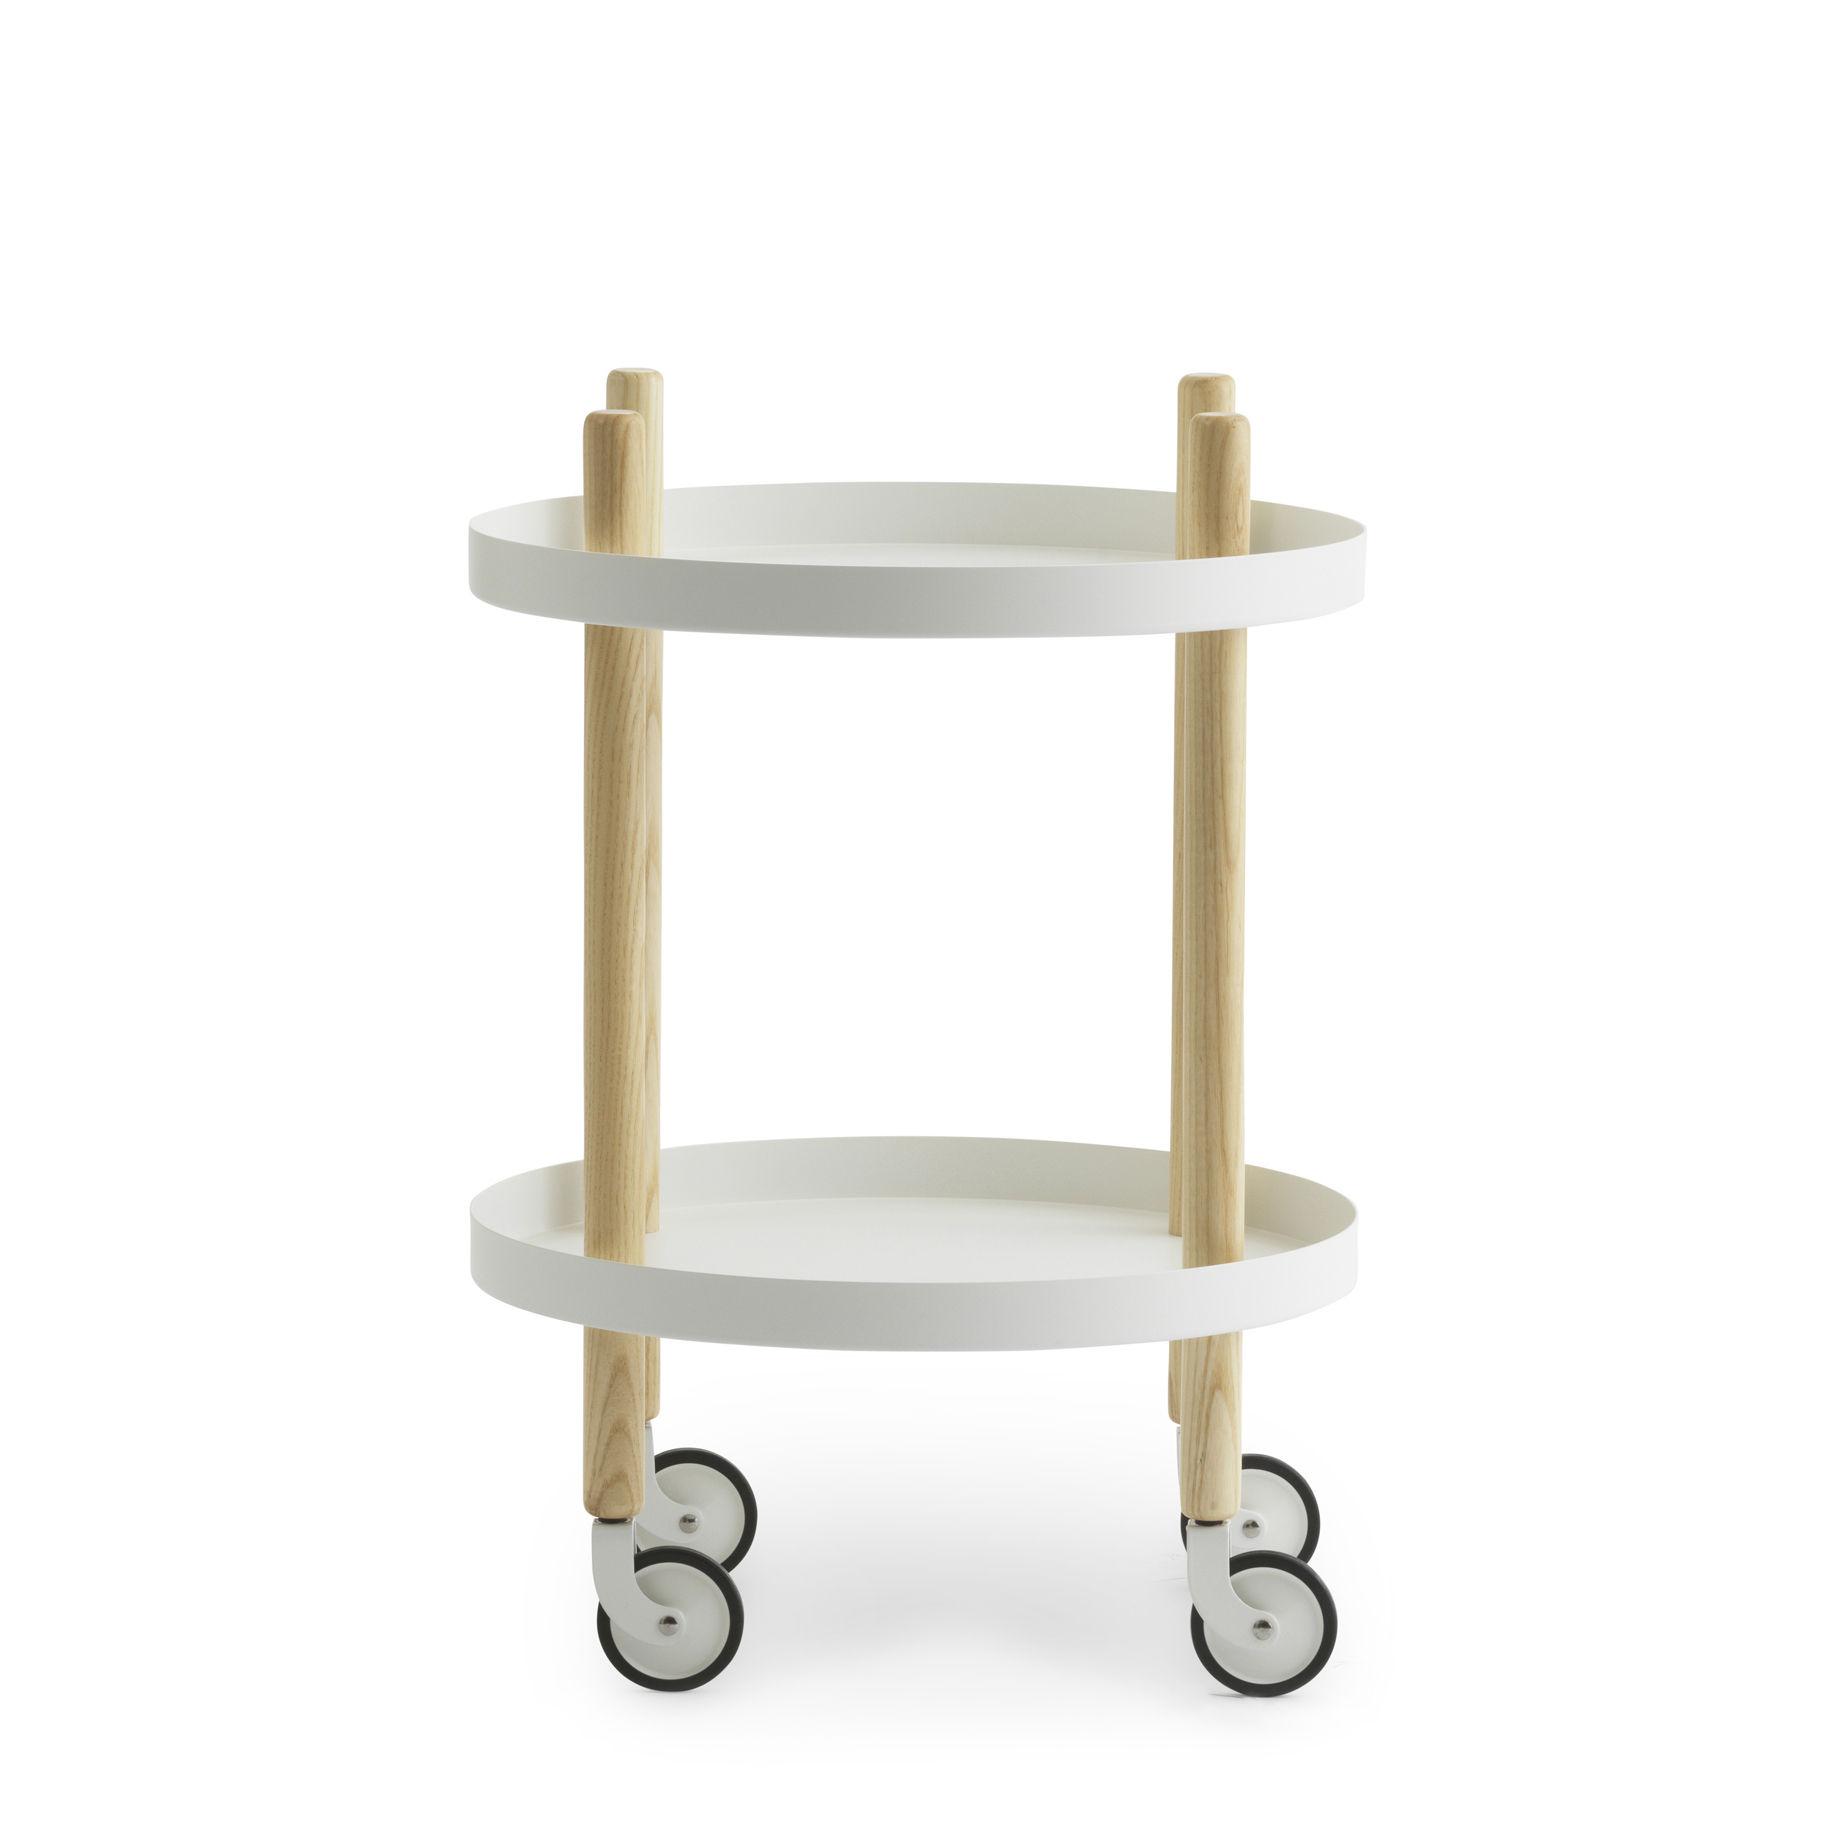 Mobilier - Compléments d'ameublement - Desserte Block / Ø 45 cm - Normann Copenhagen - Blanc - Acier, Frêne